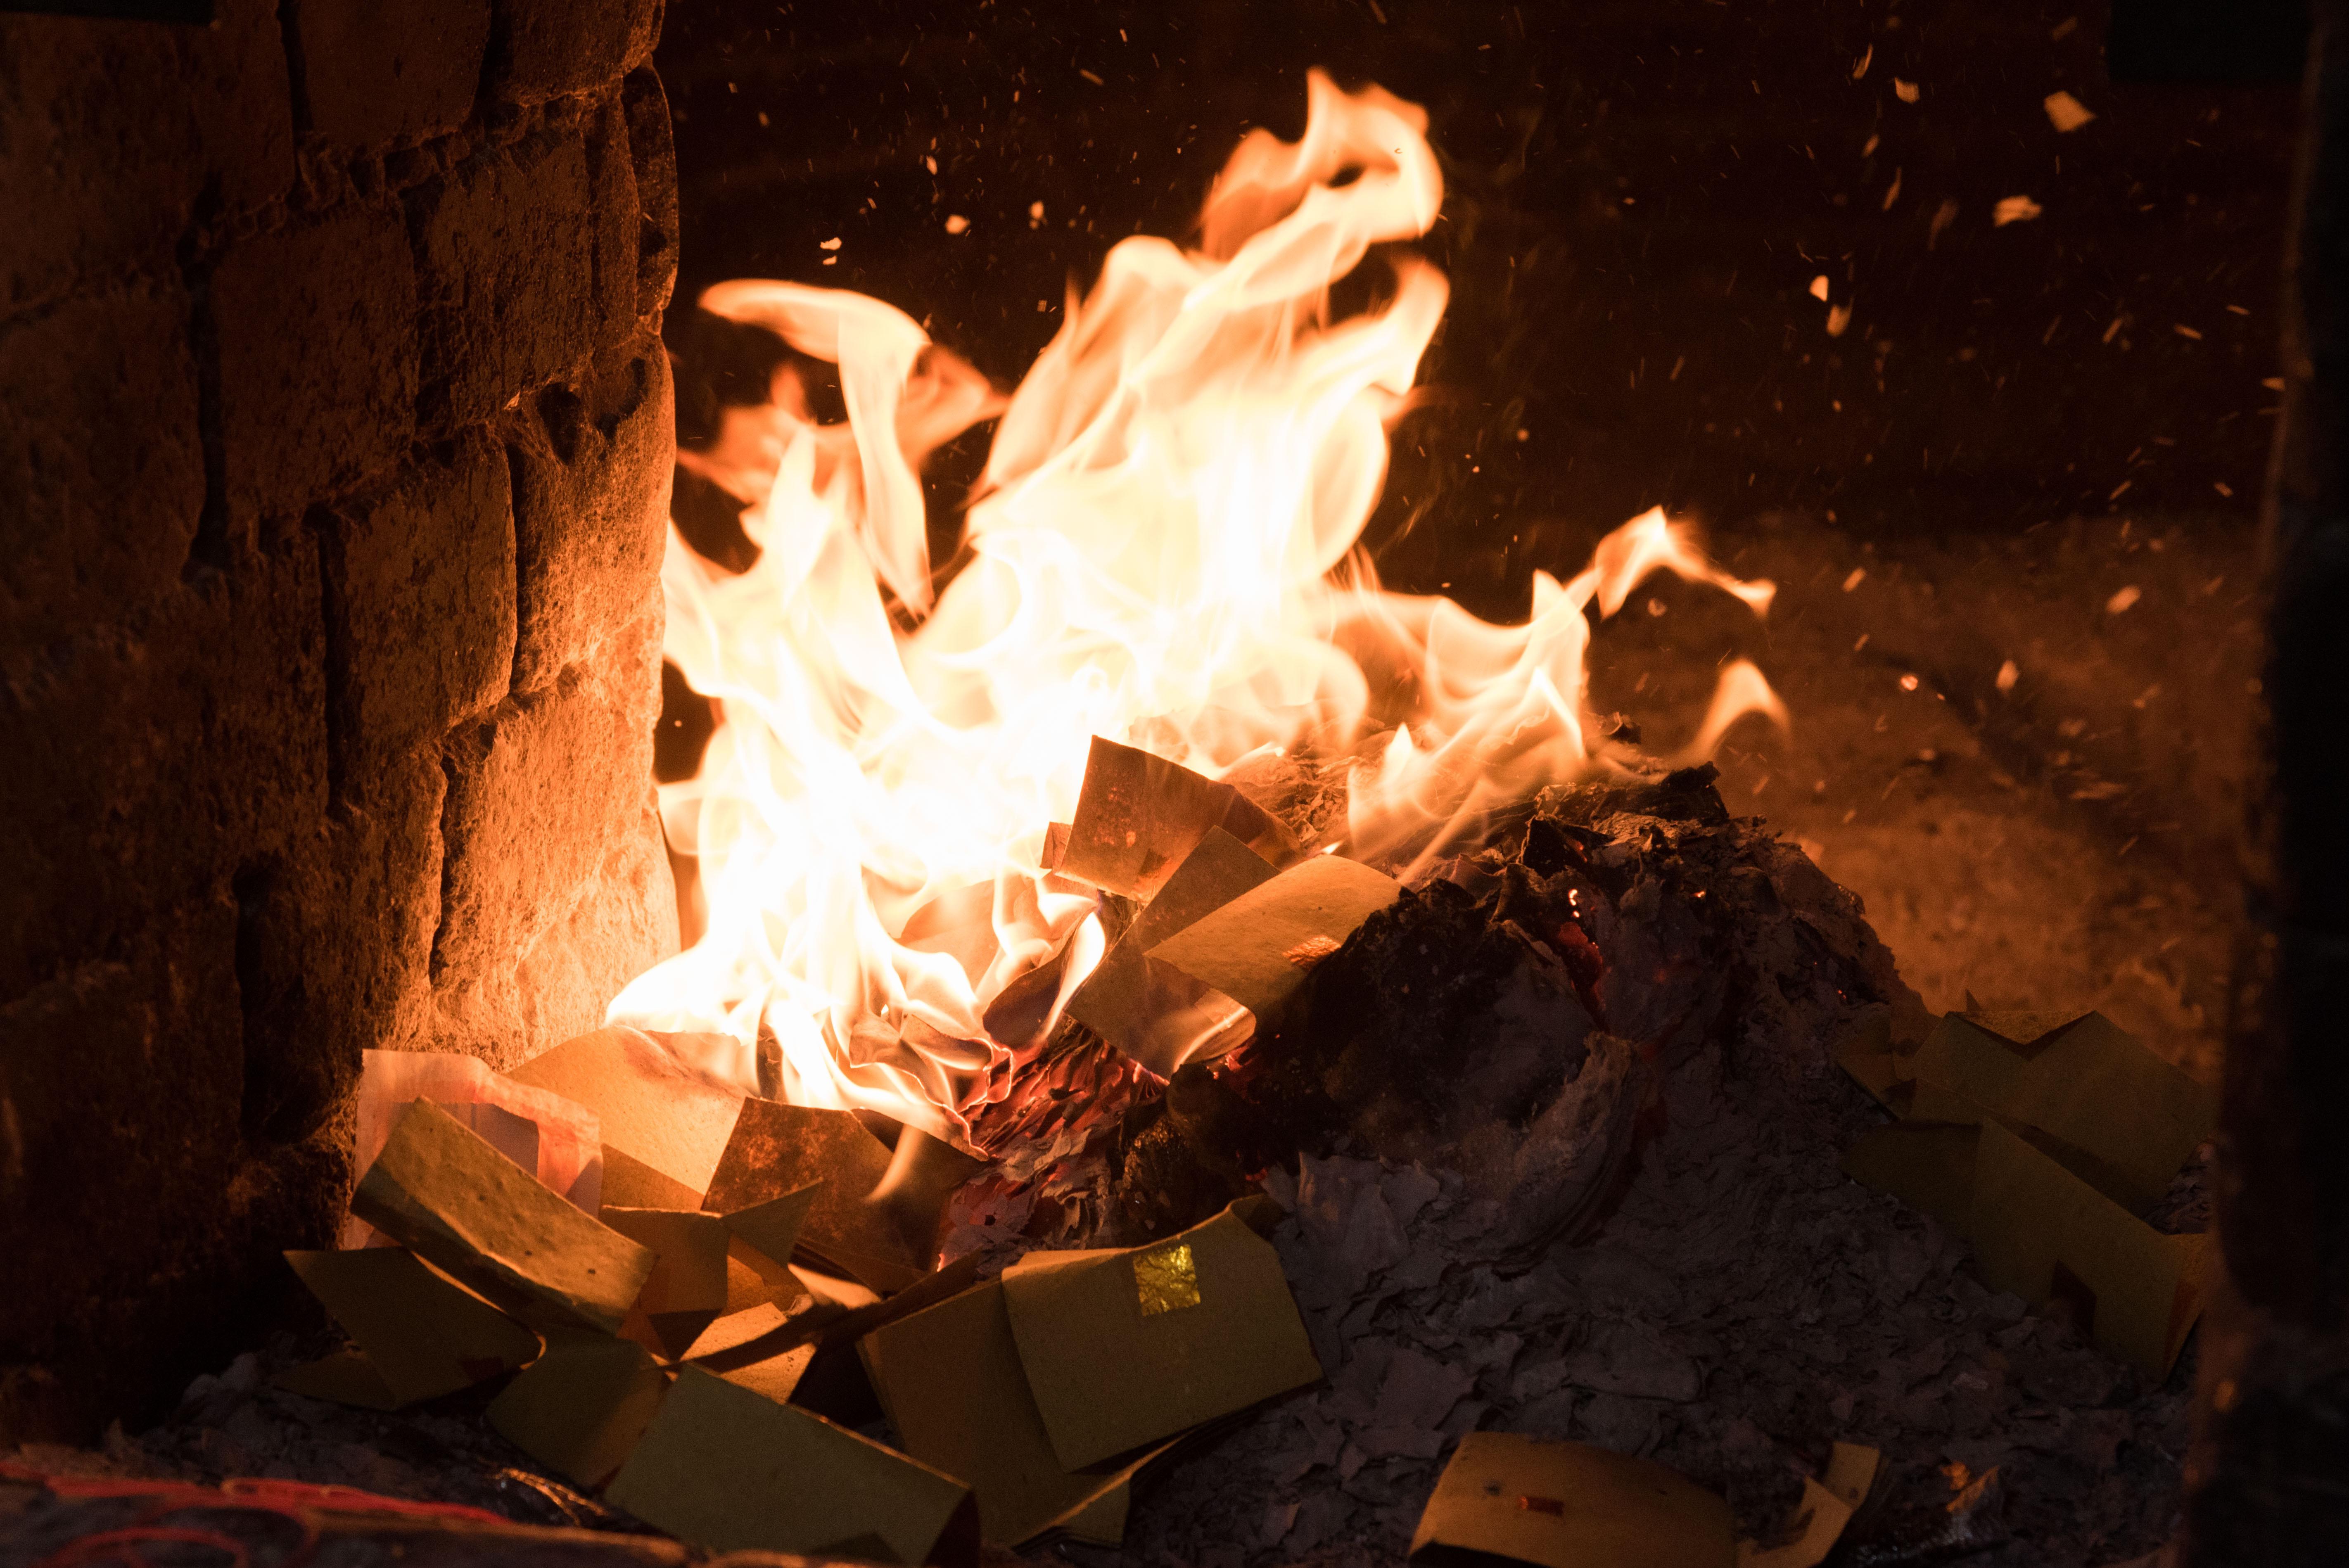 燒金紙,環境污染,空氣污染,空污,燒紙錢(圖/記者季相儒攝)